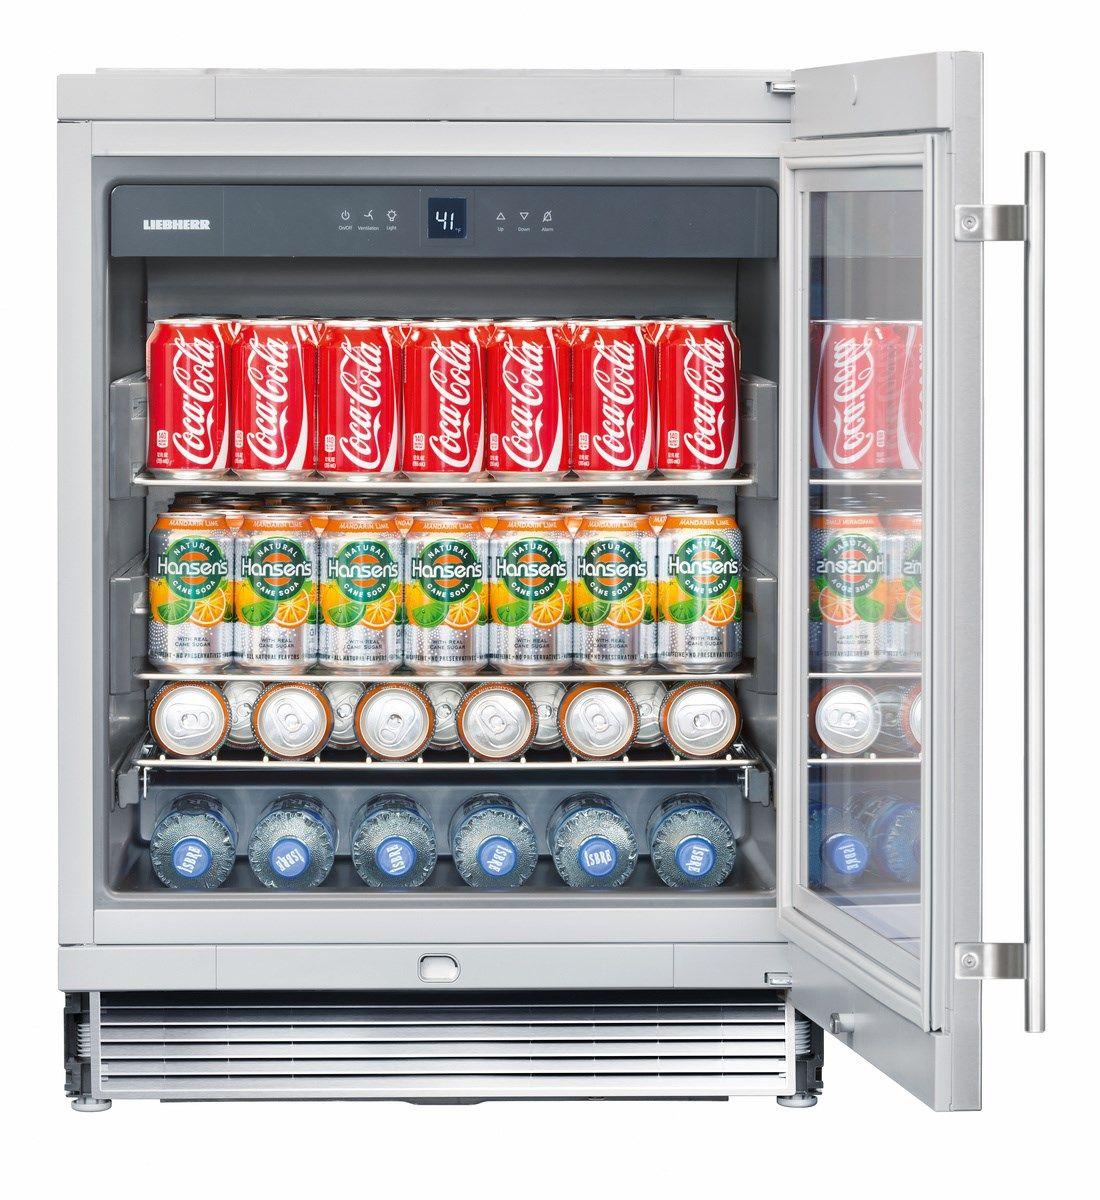 RU 510 Built in beverage cooler, Best sliding glass